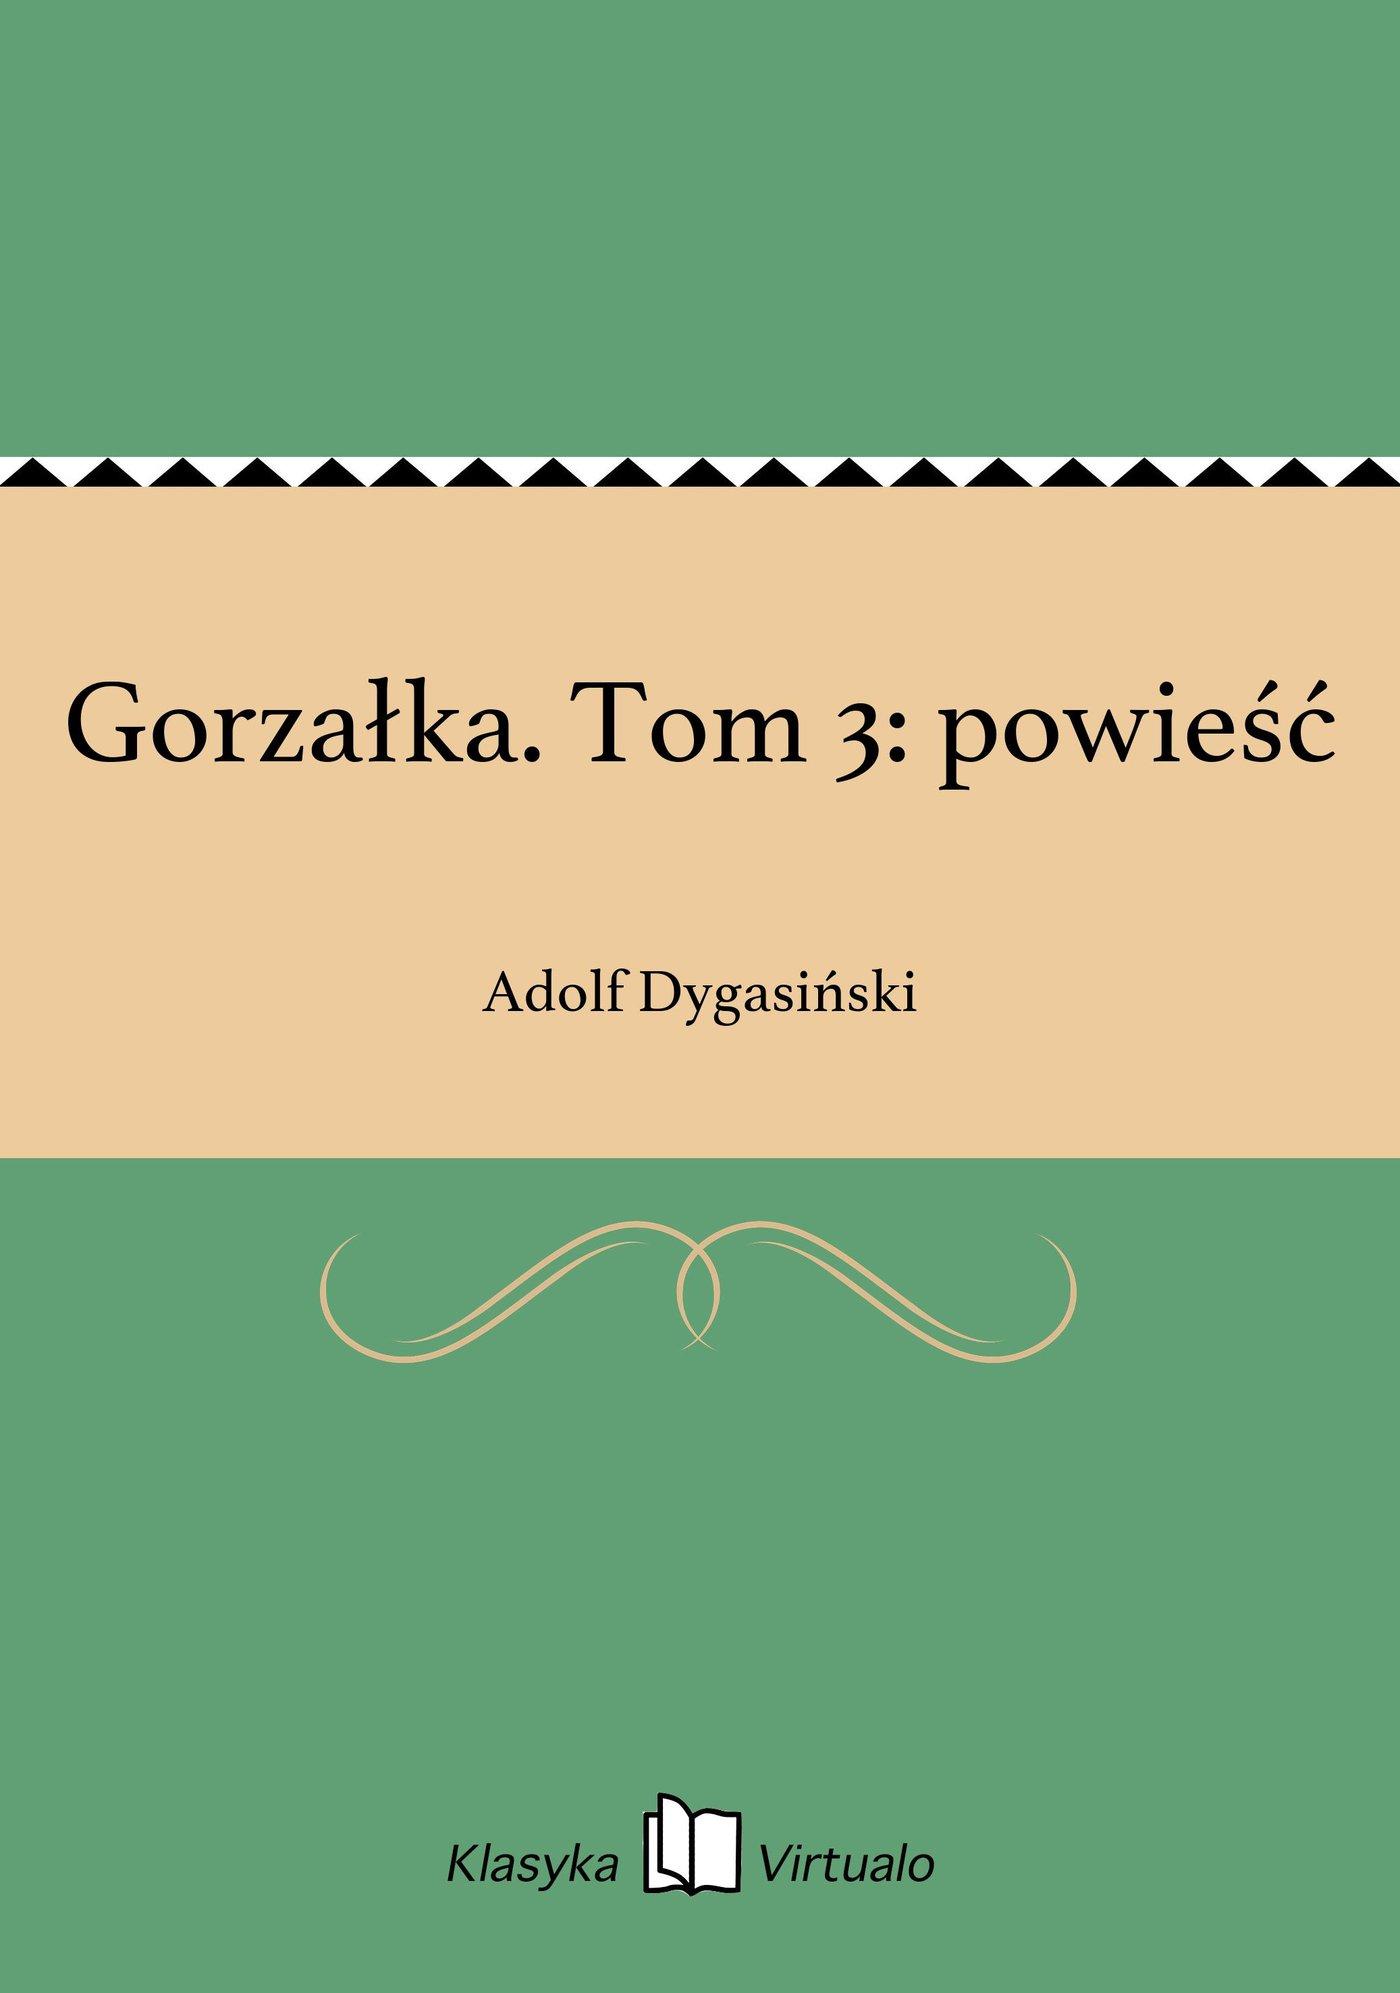 Gorzałka. Tom 3: powieść - Ebook (Książka EPUB) do pobrania w formacie EPUB